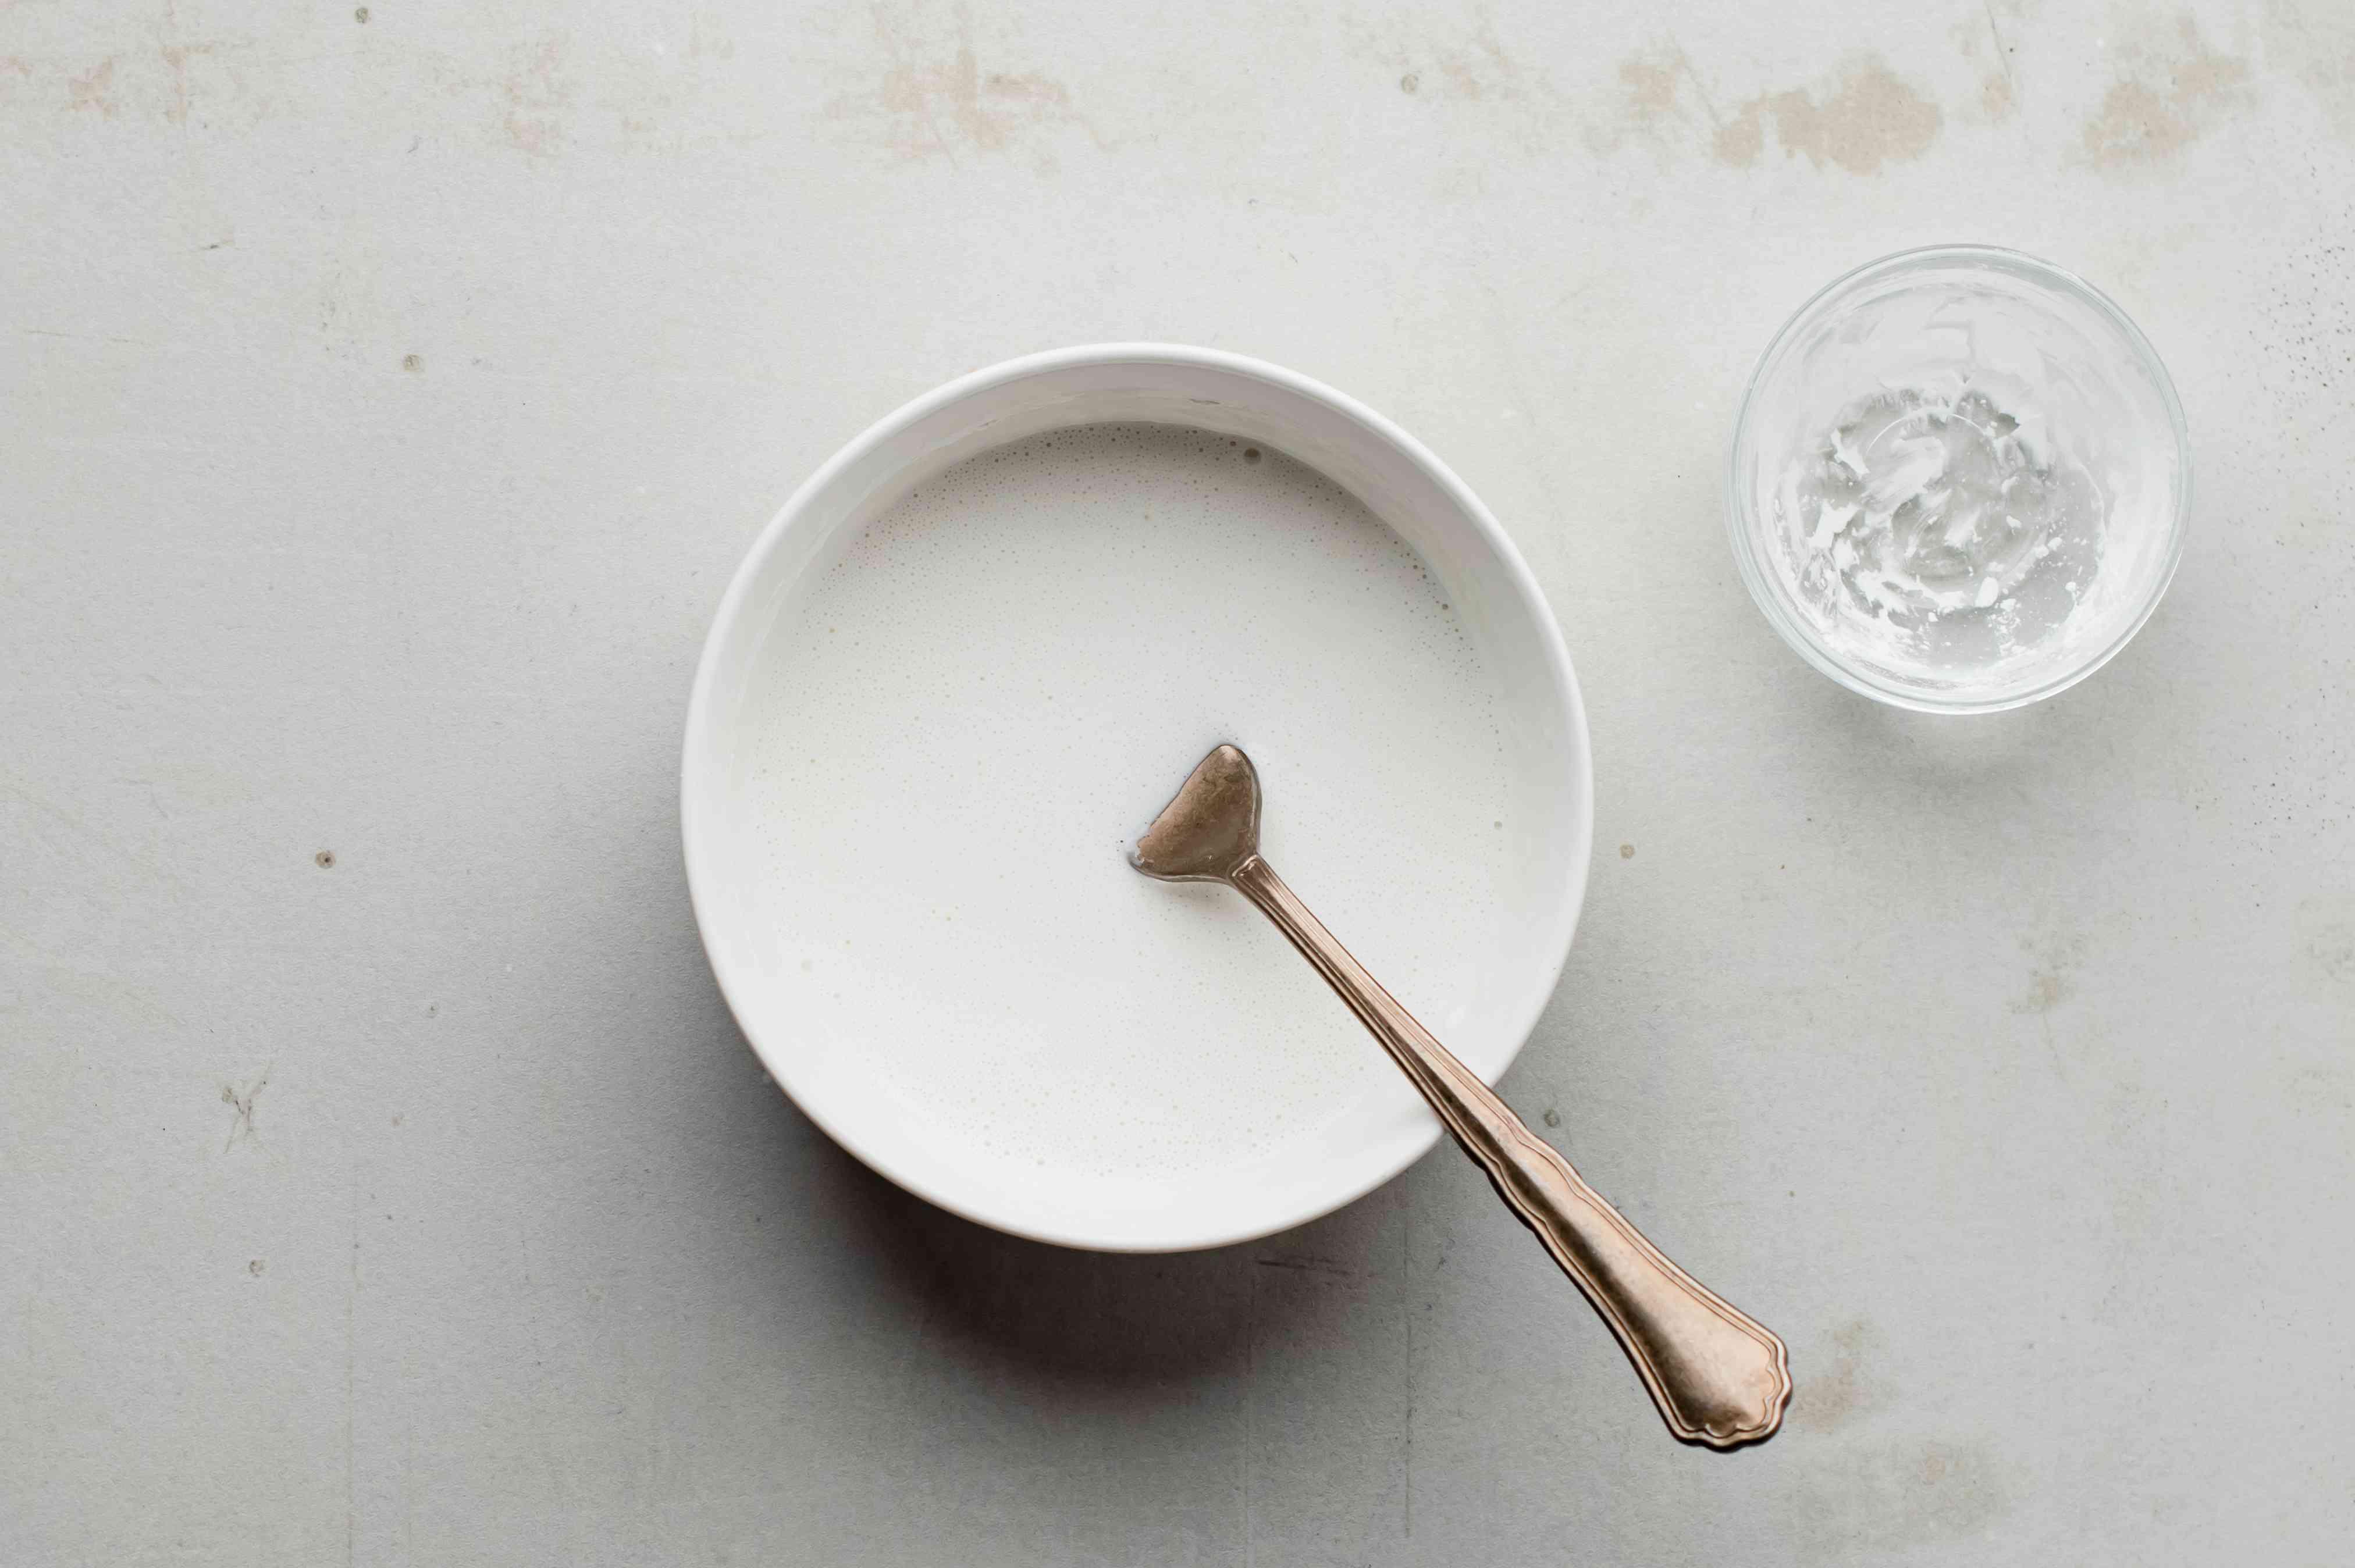 Pour coconut milk